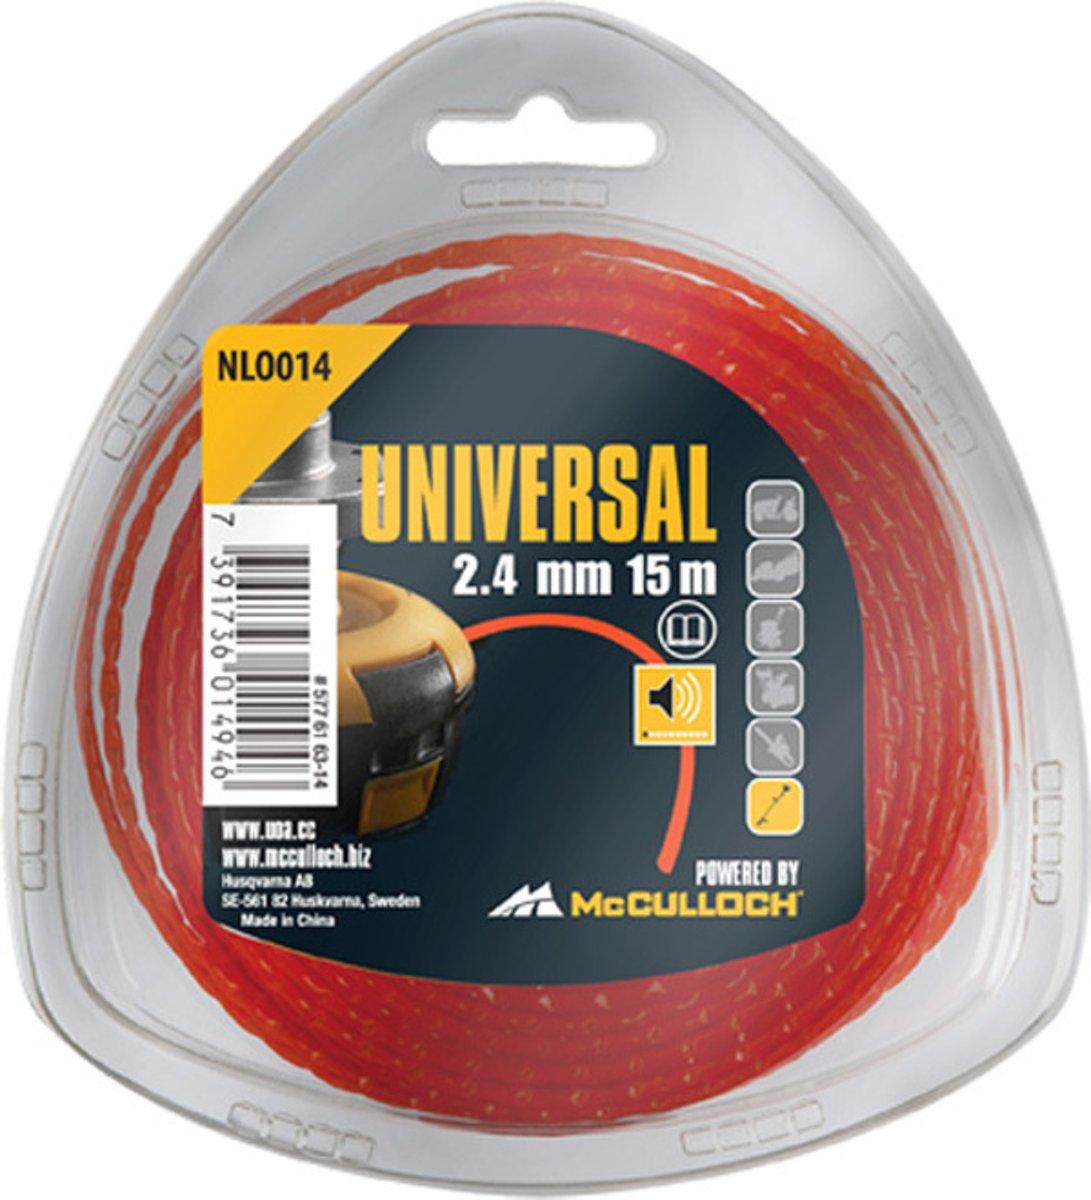 UOA Nylon draad NLO014 2,4 mm x 15 meter kopen